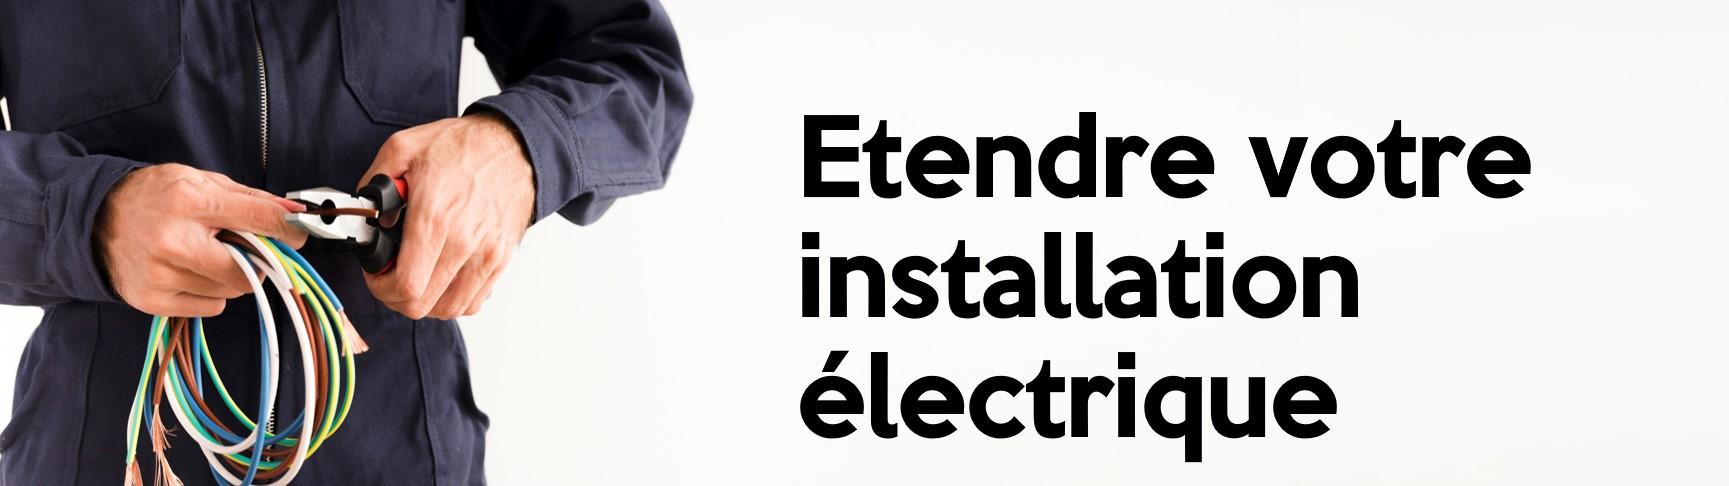 Etendre votre installation électrique